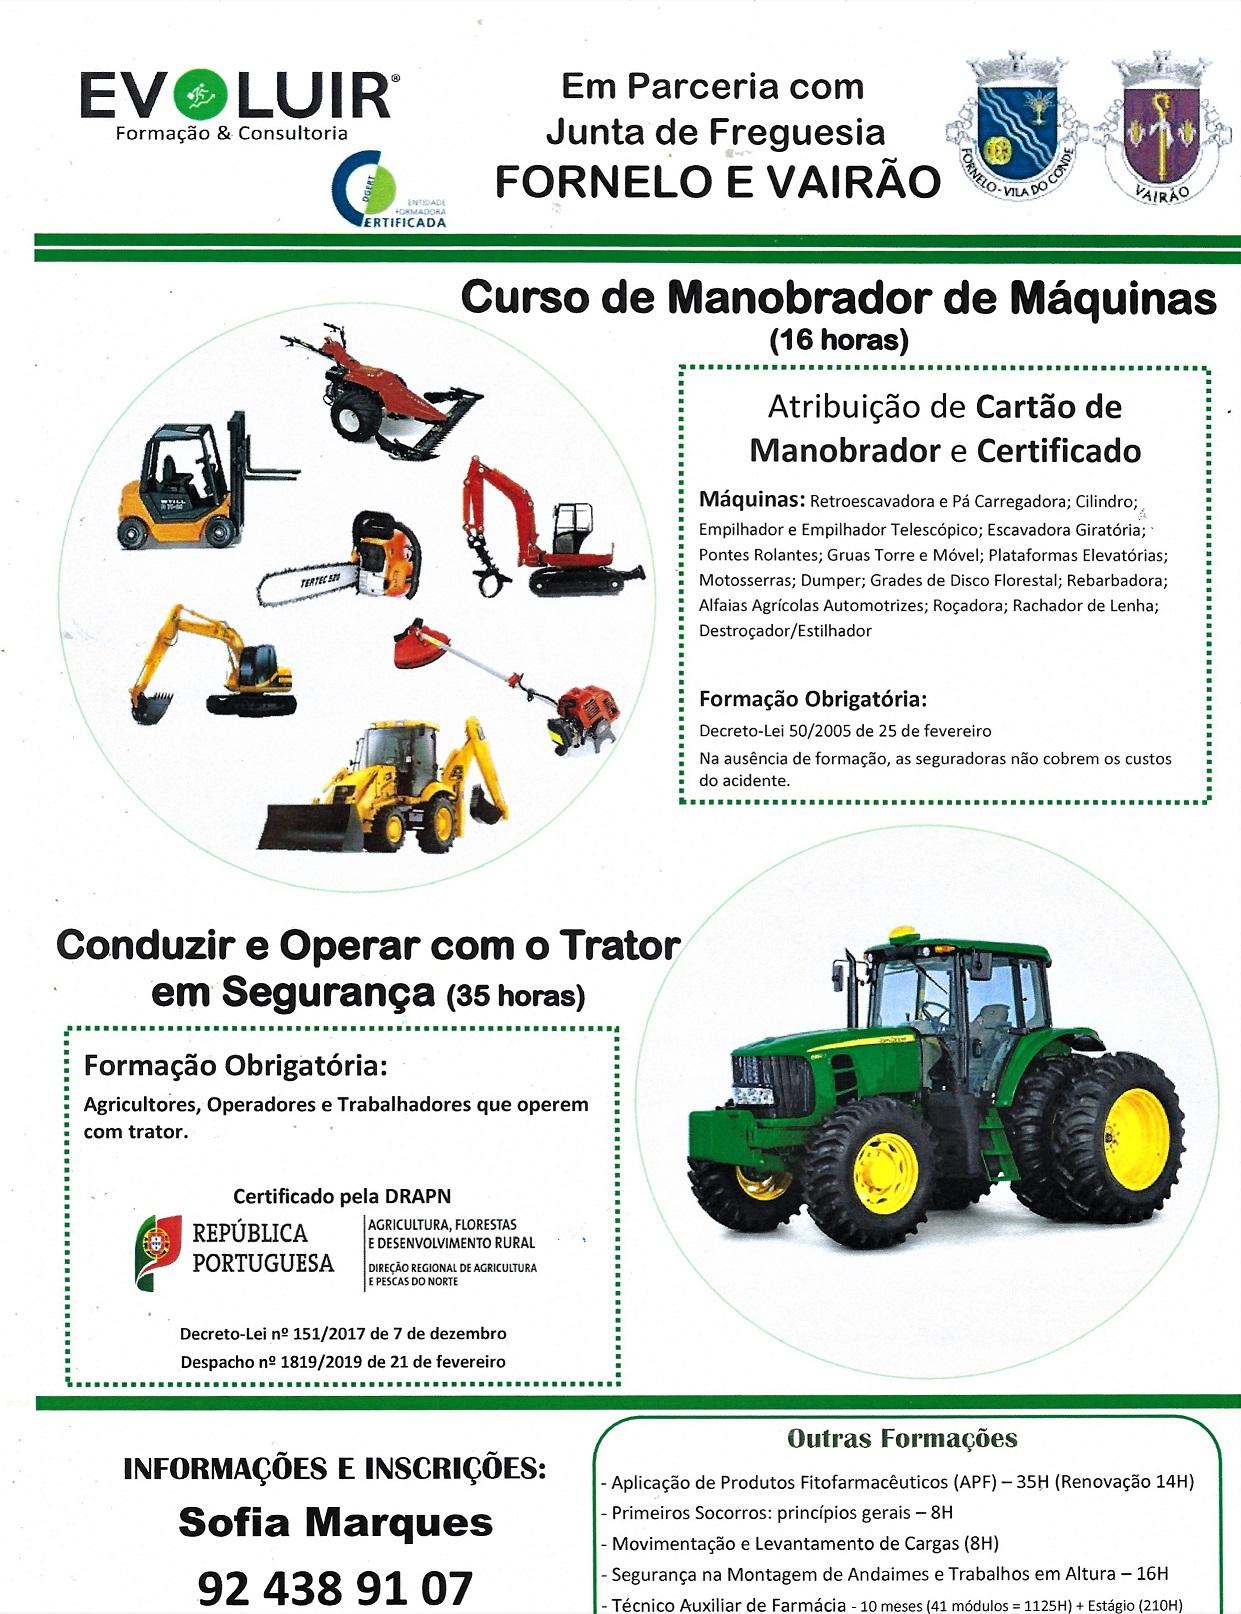 formacaomanobradordemaquinas1.jpg